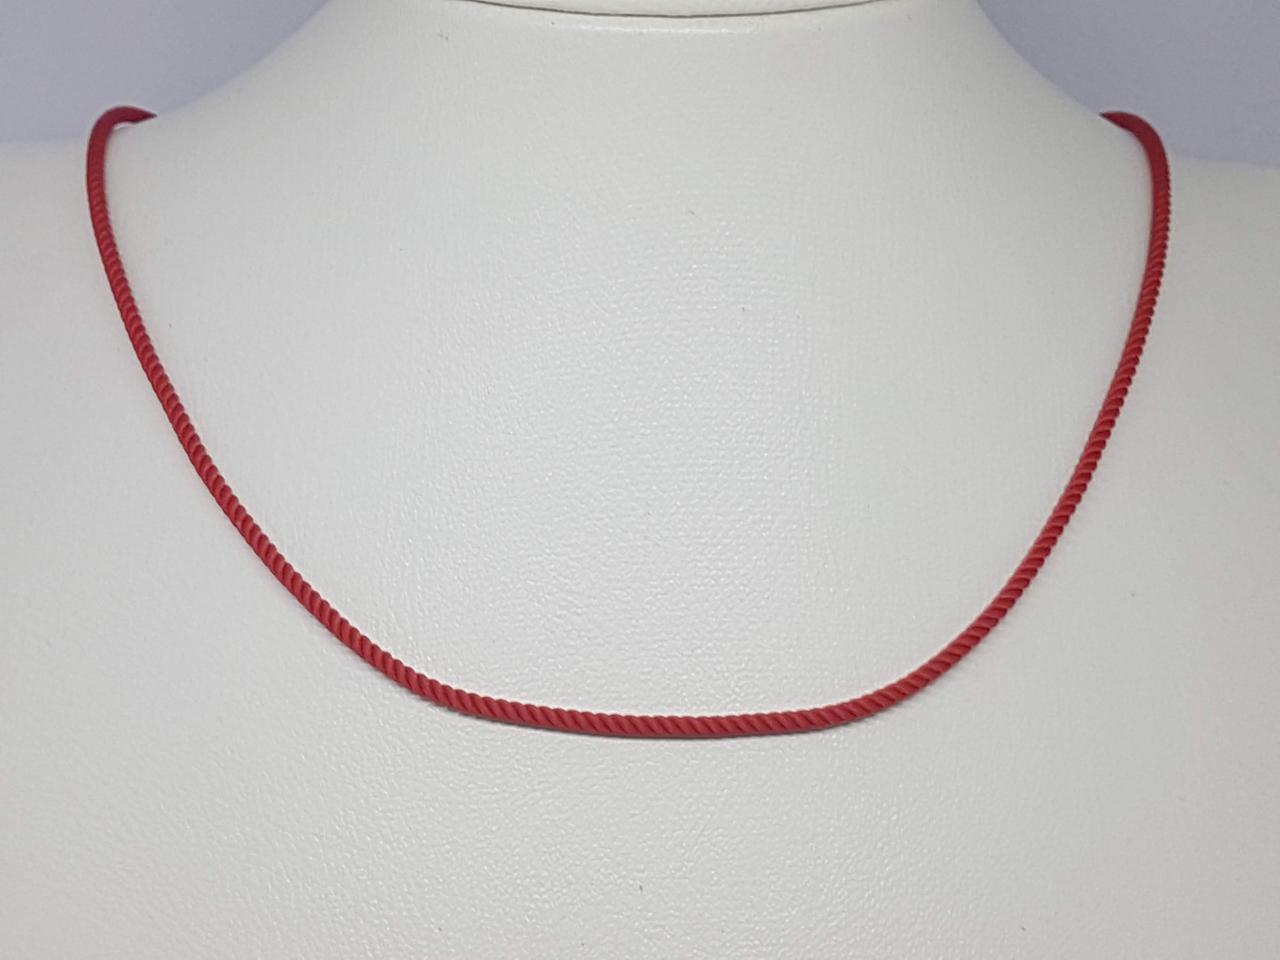 Ювелирный шнурок из текстиля с золотыми вставками. Артикул ПК102И 50